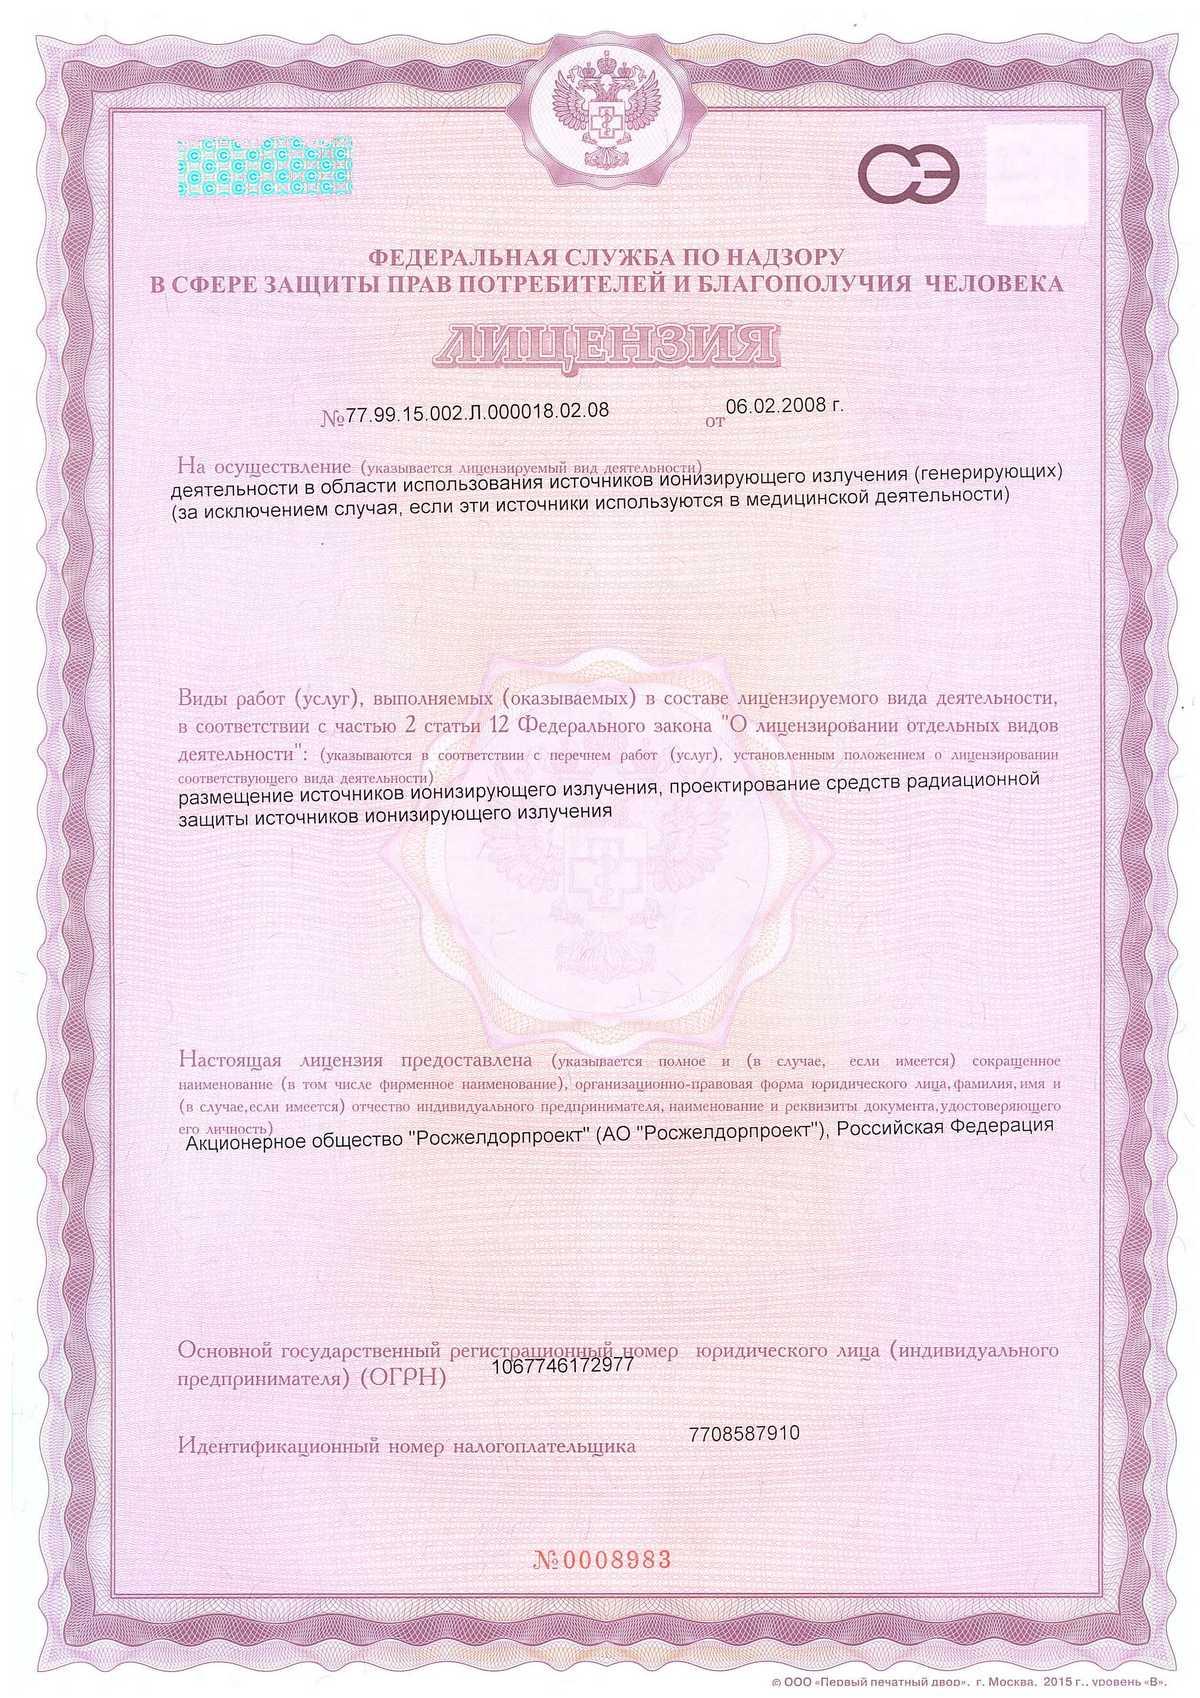 Лицензия на осуществление деятельности в области использования источников ионизирующего излучения (генерирующих) (за исключением случая, если эти источники используются в медицинской деятельности)